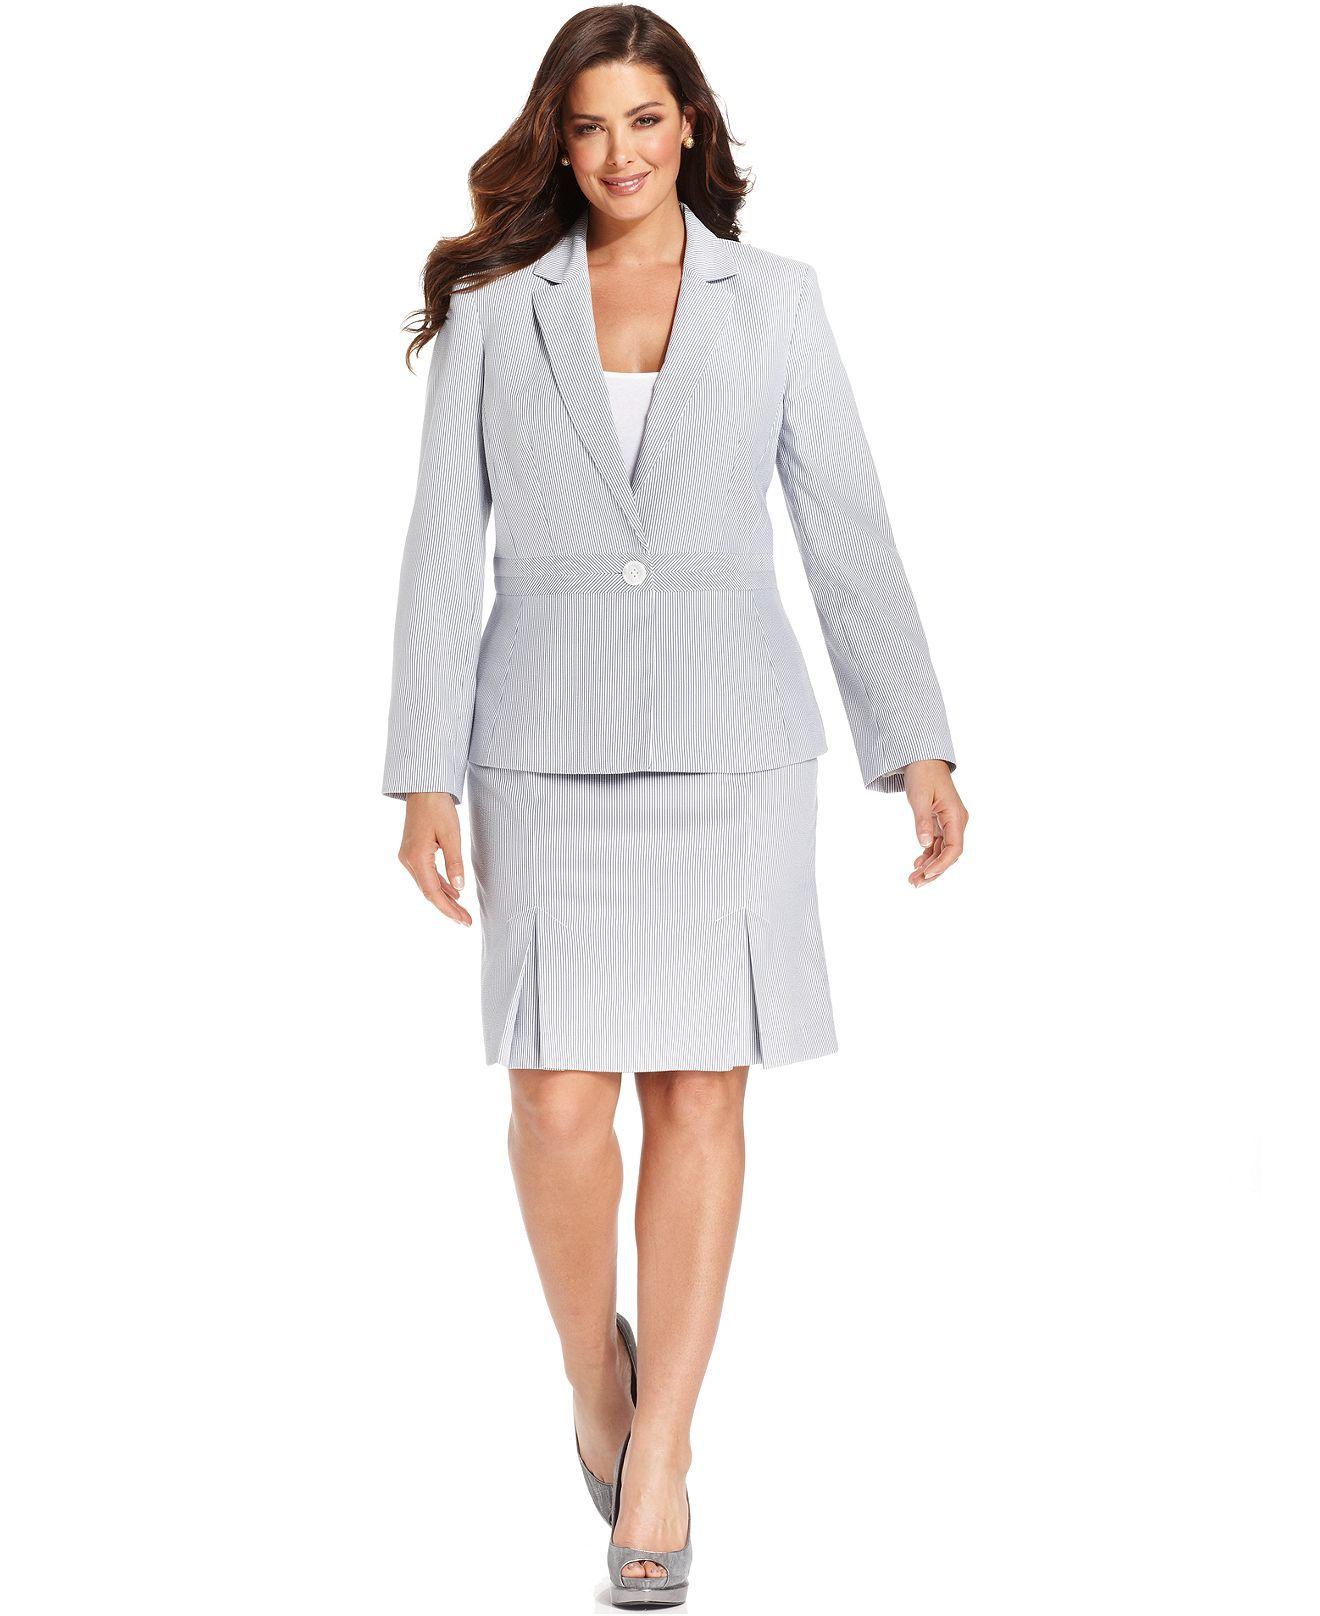 1a7e167c2ed Le Suit Plus Size Seersucker Blazer   Pleated-Hem Skirt - Plus Size Suits    Separates - Plus Sizes - Macys